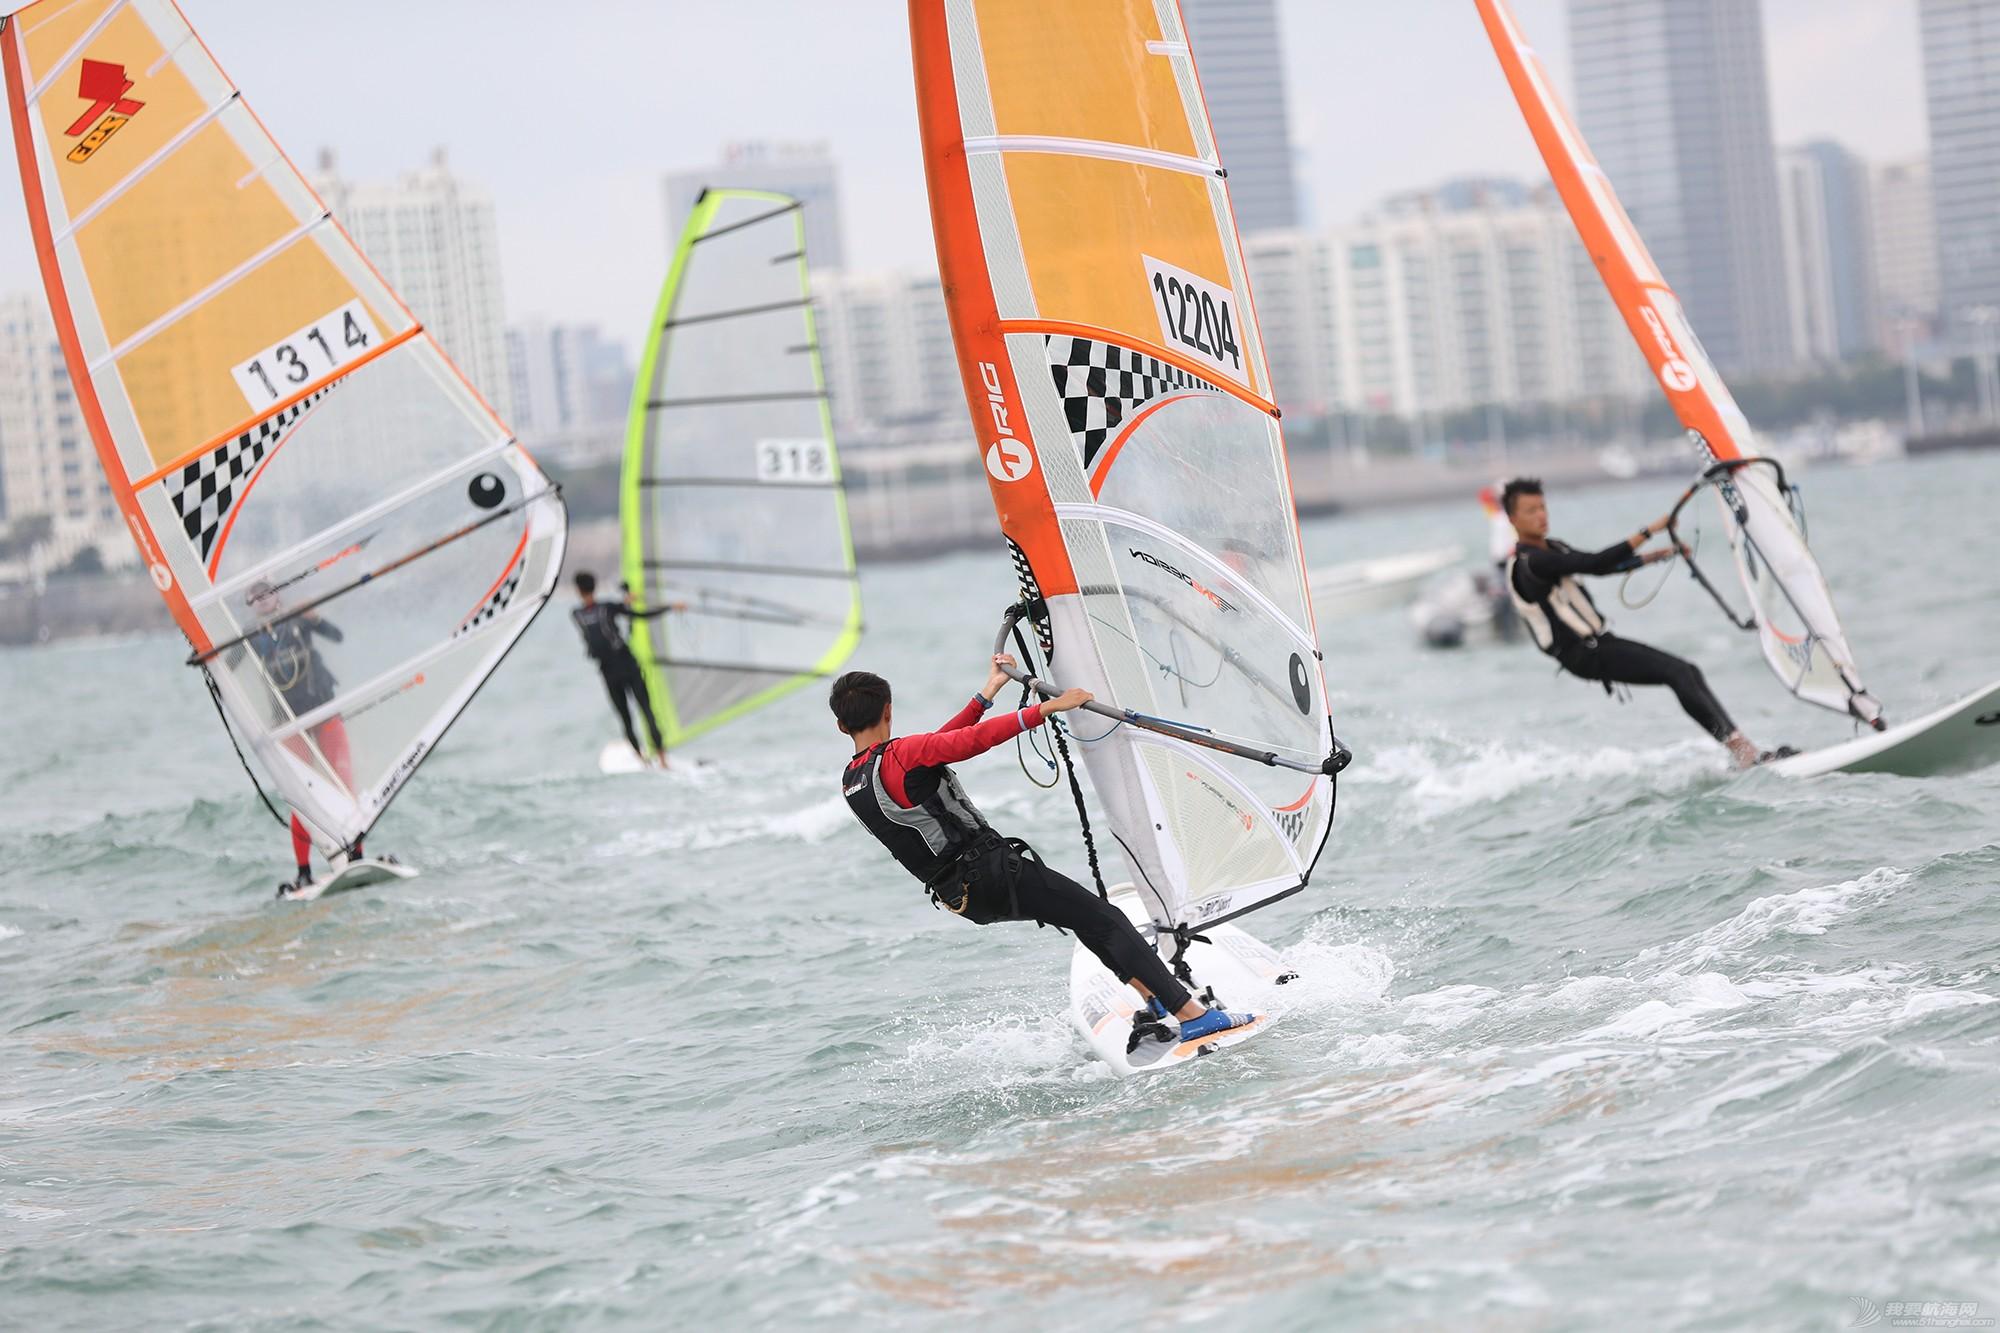 项目,山东省,冠军赛,第一时间,帆板 赛场速递——山东省帆船帆板冠军赛精彩瞬间 5V8A0544.JPG